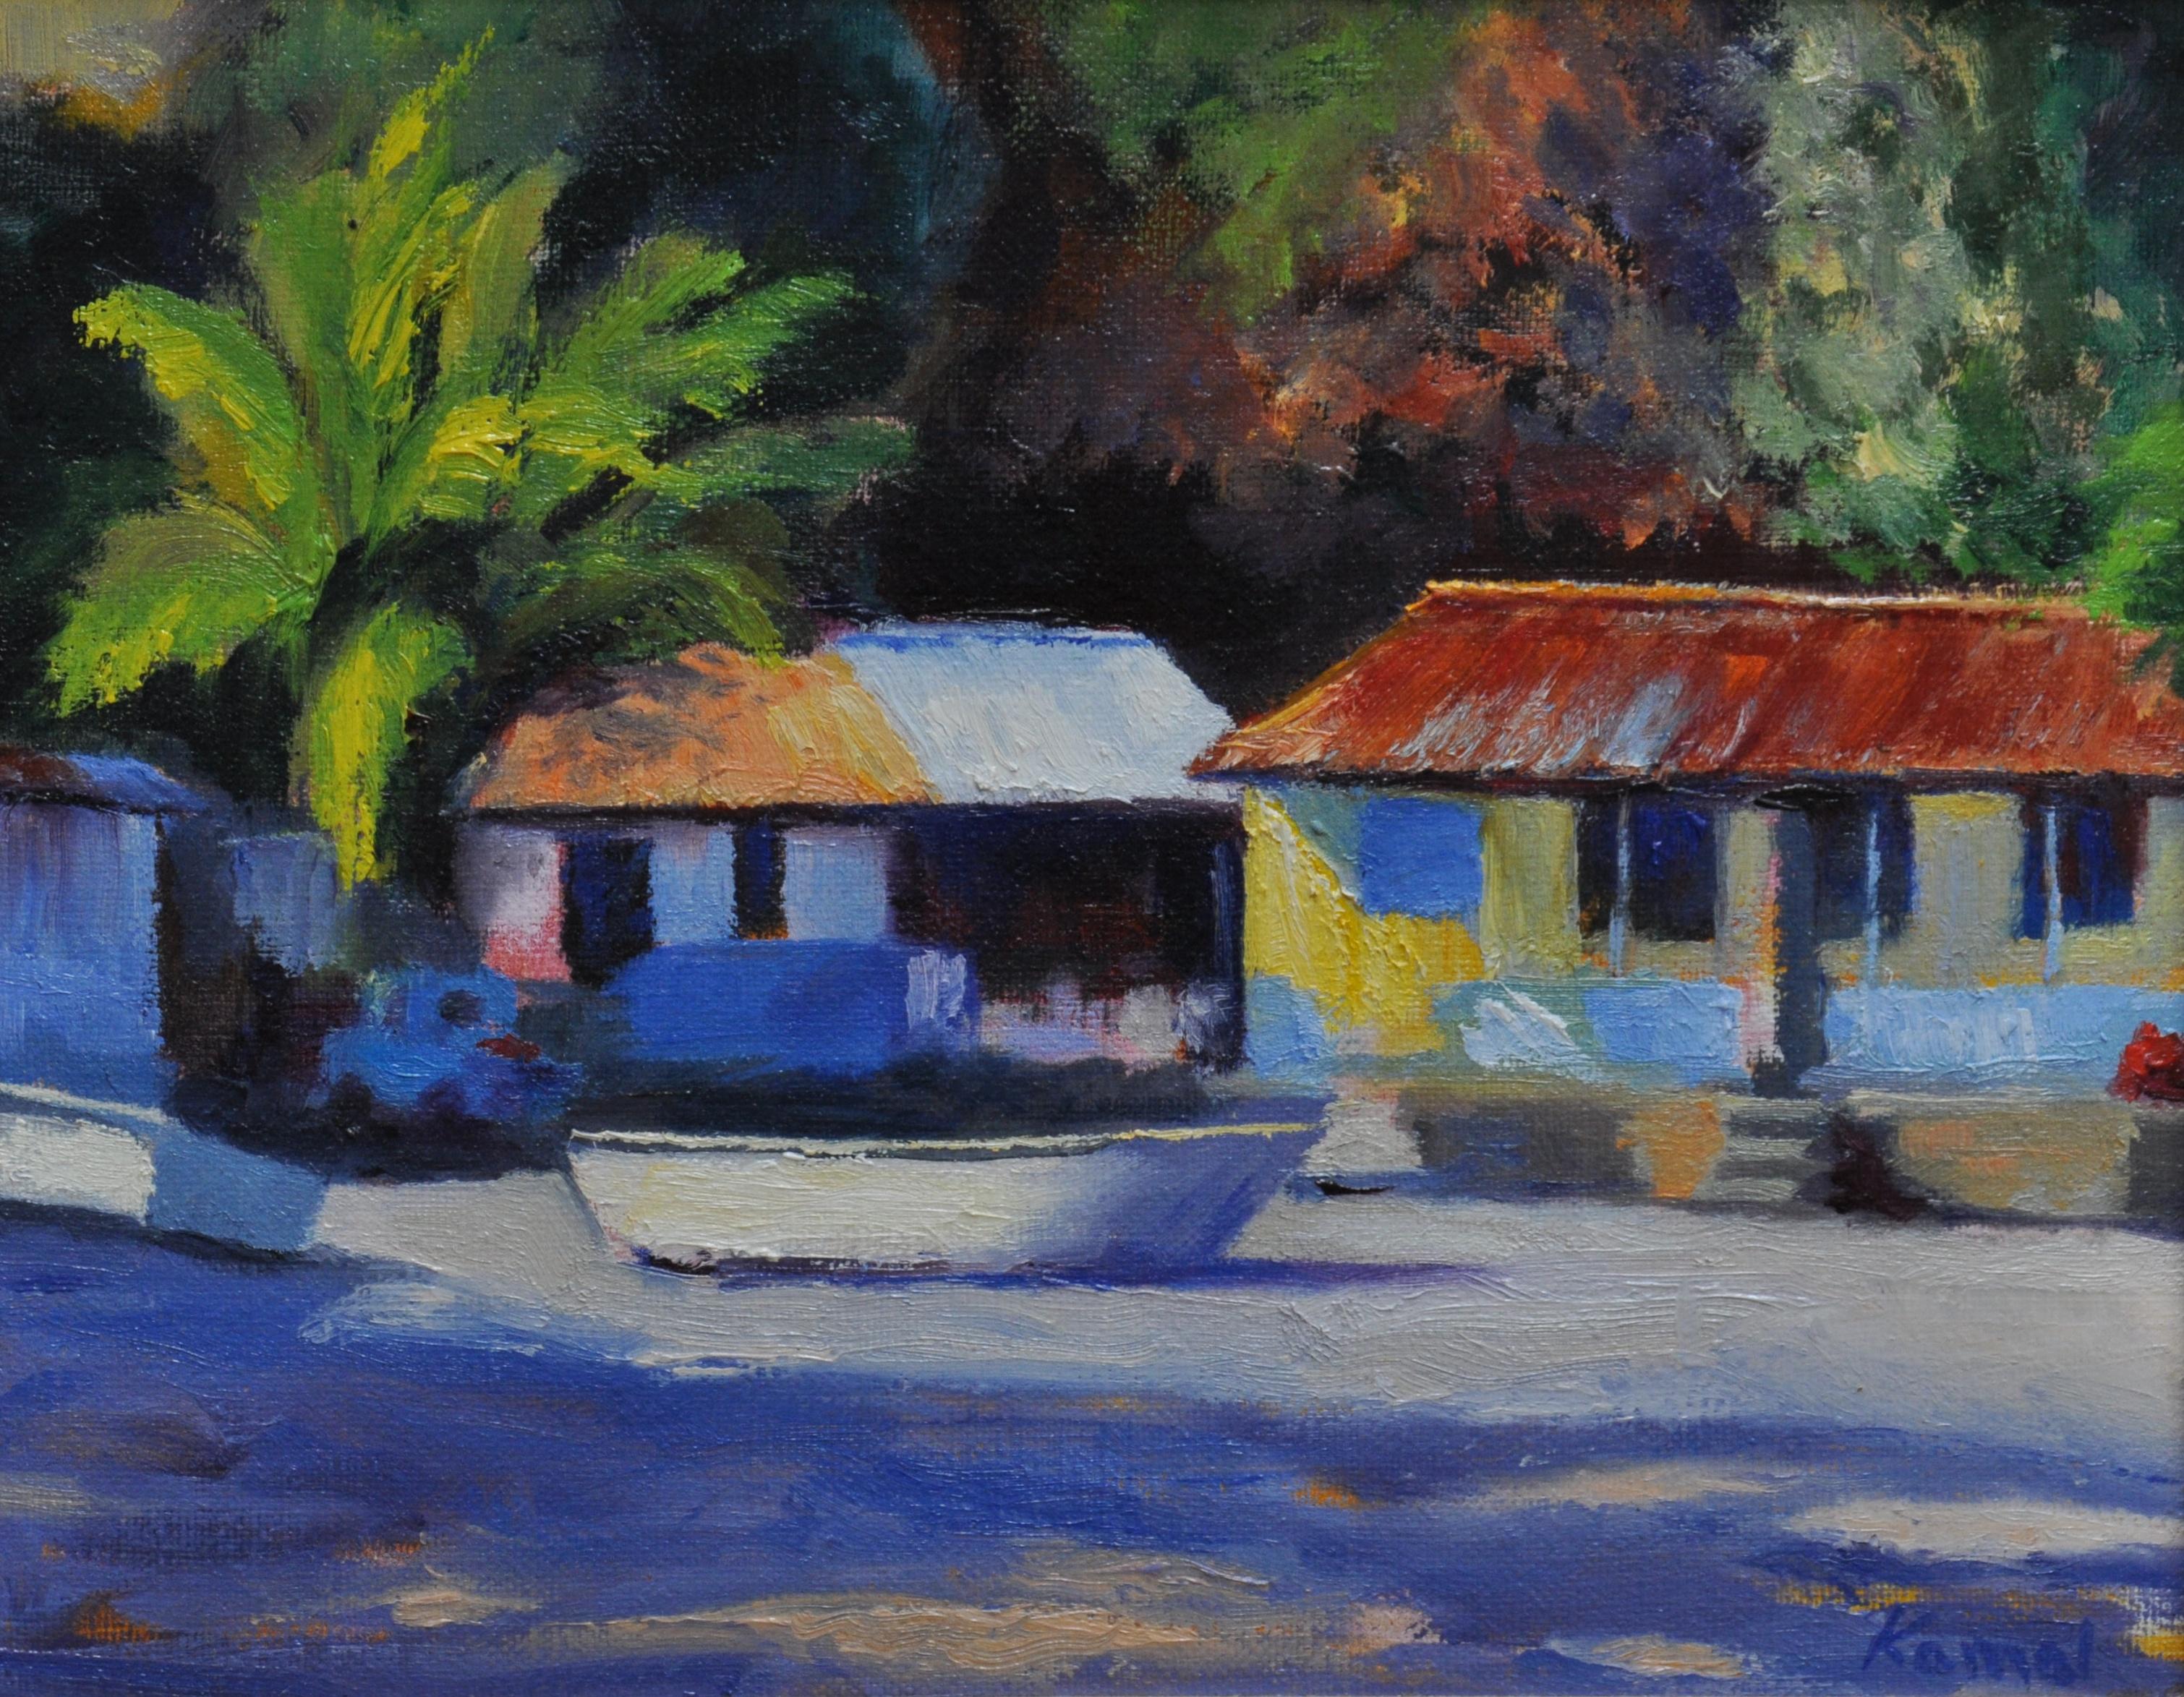 Costa Rica by Kamal El Sheshai